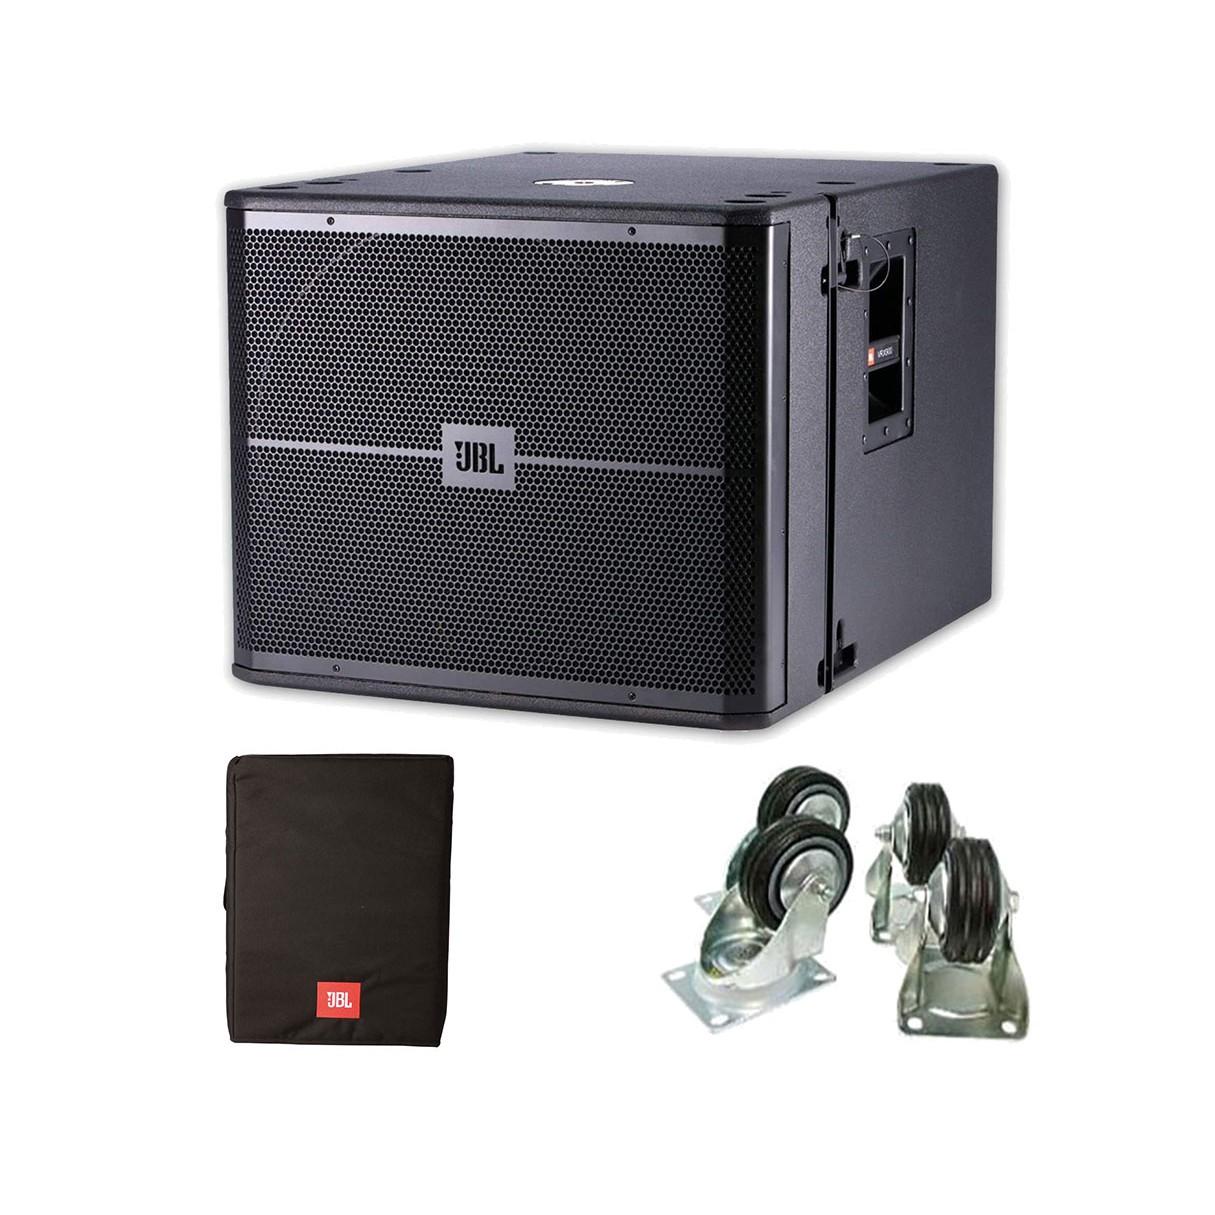 jbl vrx918sp cover casters. Black Bedroom Furniture Sets. Home Design Ideas